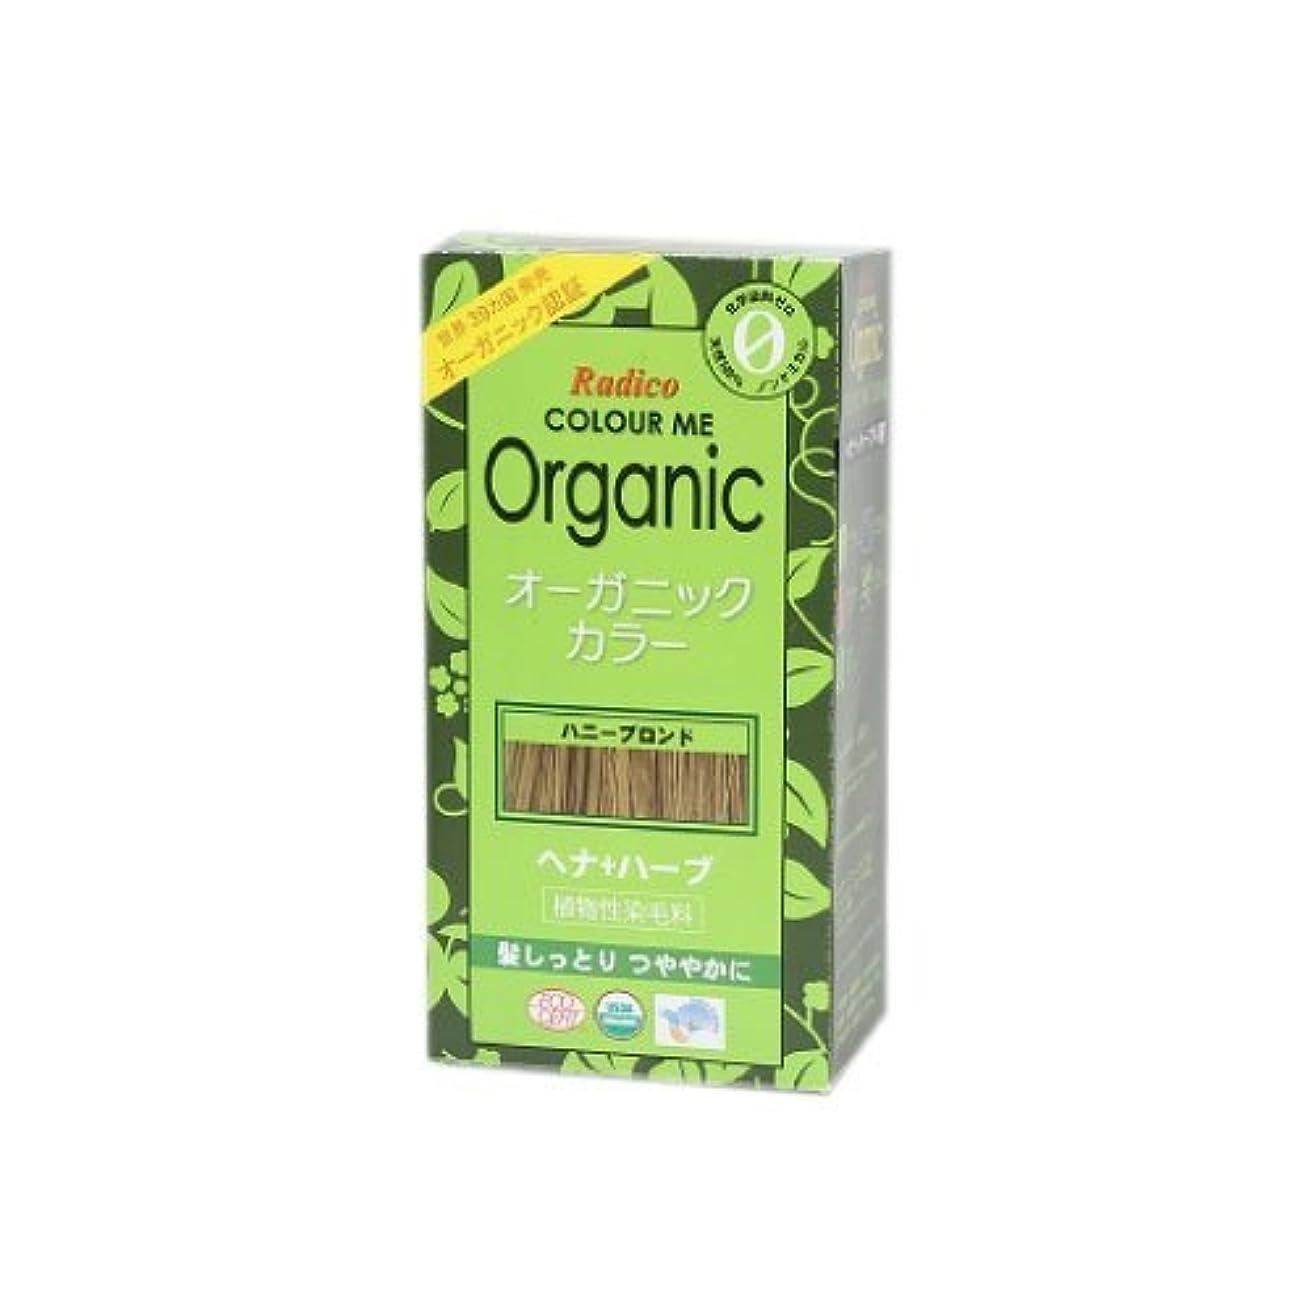 日曜日削除する研磨COLOURME Organic (カラーミーオーガニック ヘナ 白髪用) ハニーブロンド 100g